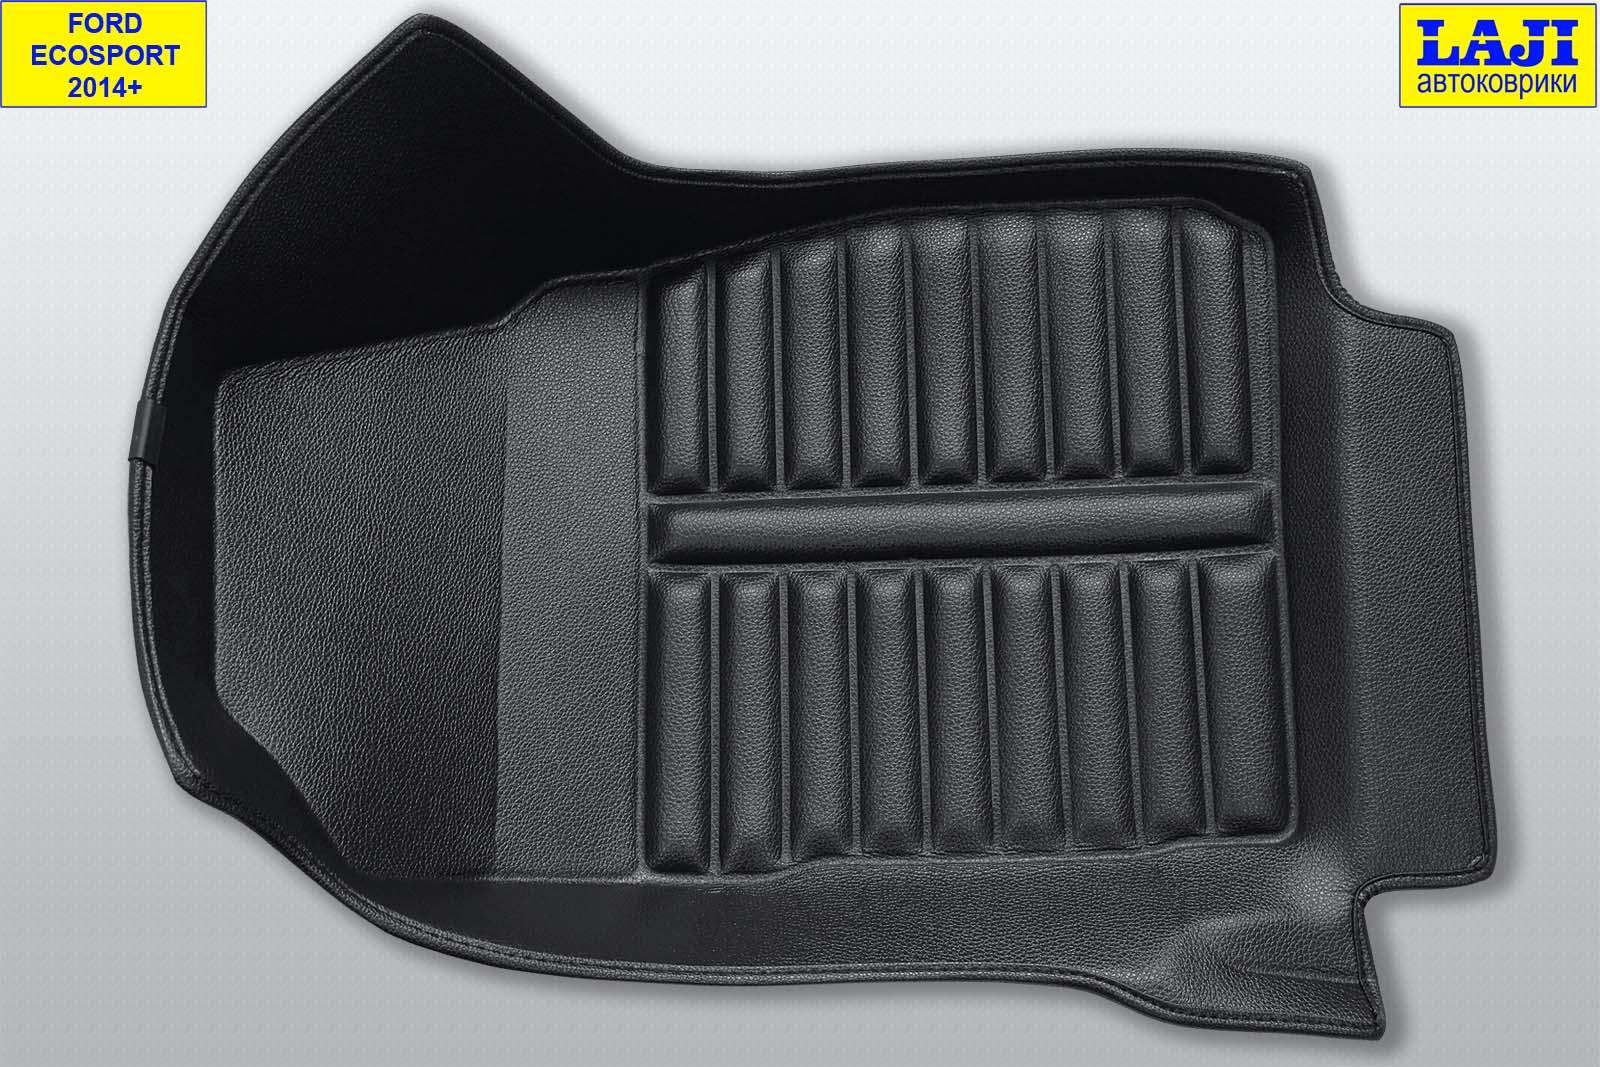 5D коврики в салон Ford Ecosport 2014-н.в. 5